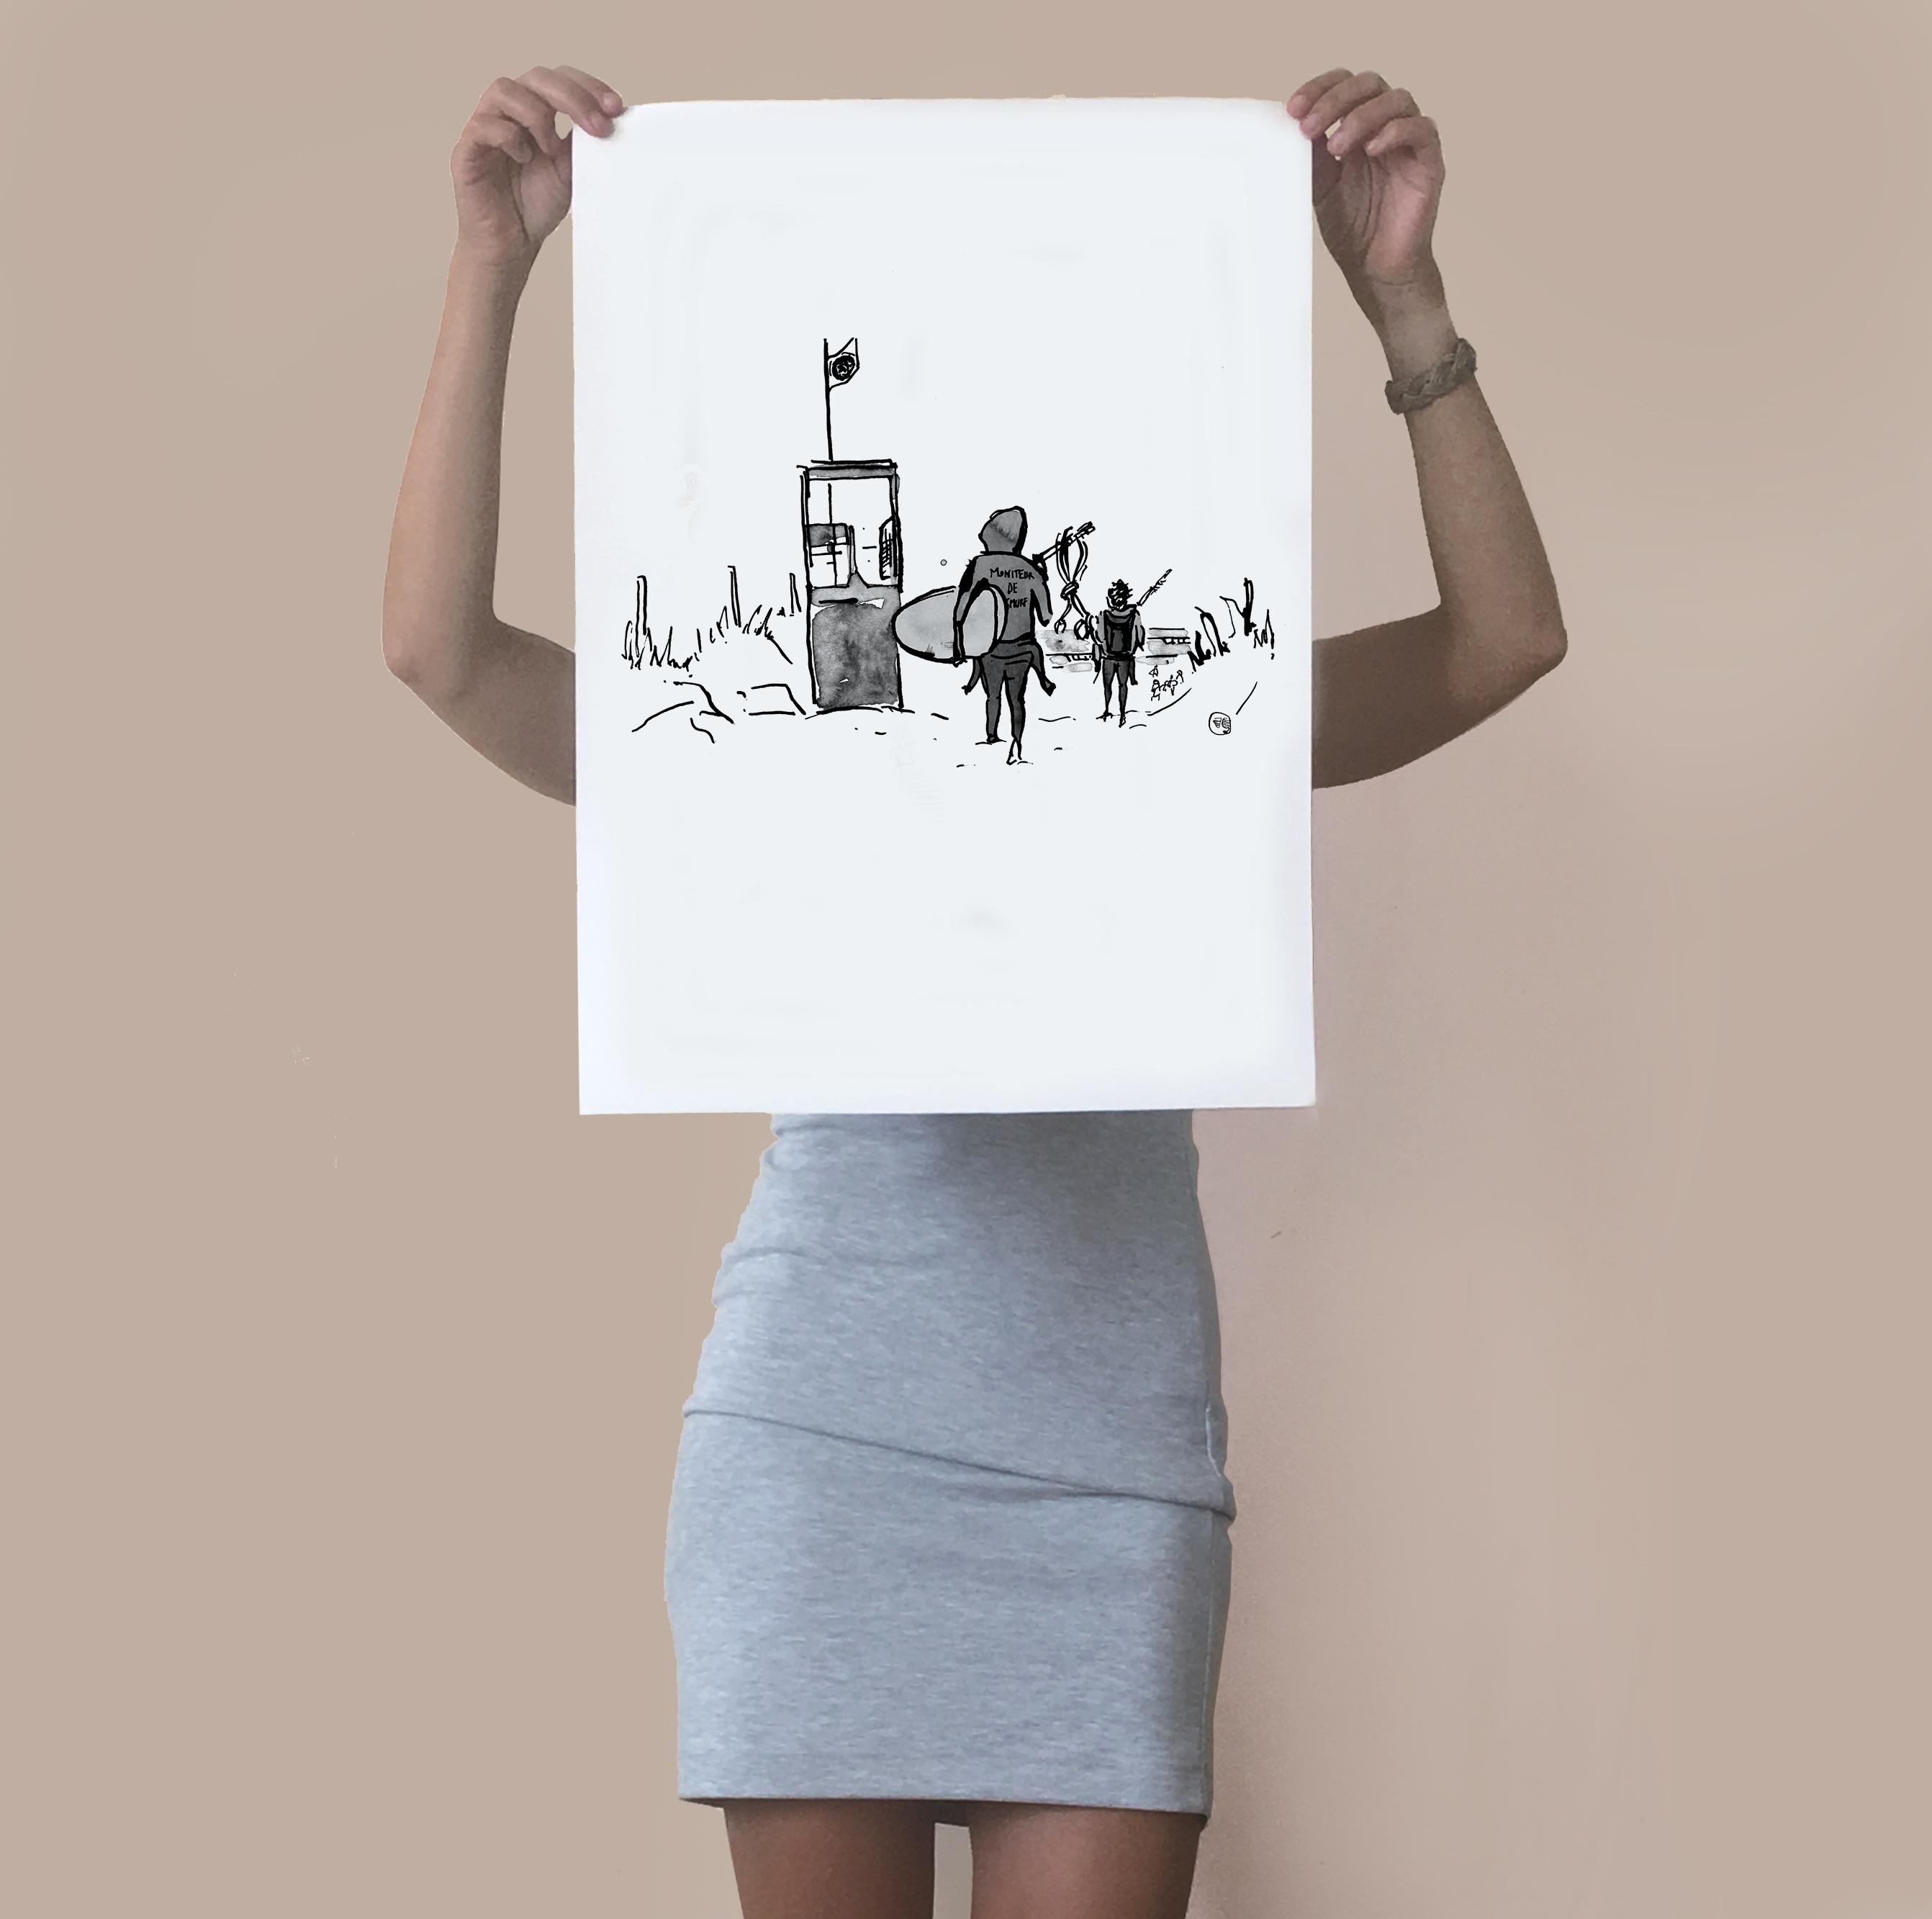 poster-guerite-vague-graphique-atelier-vannes-morbihan